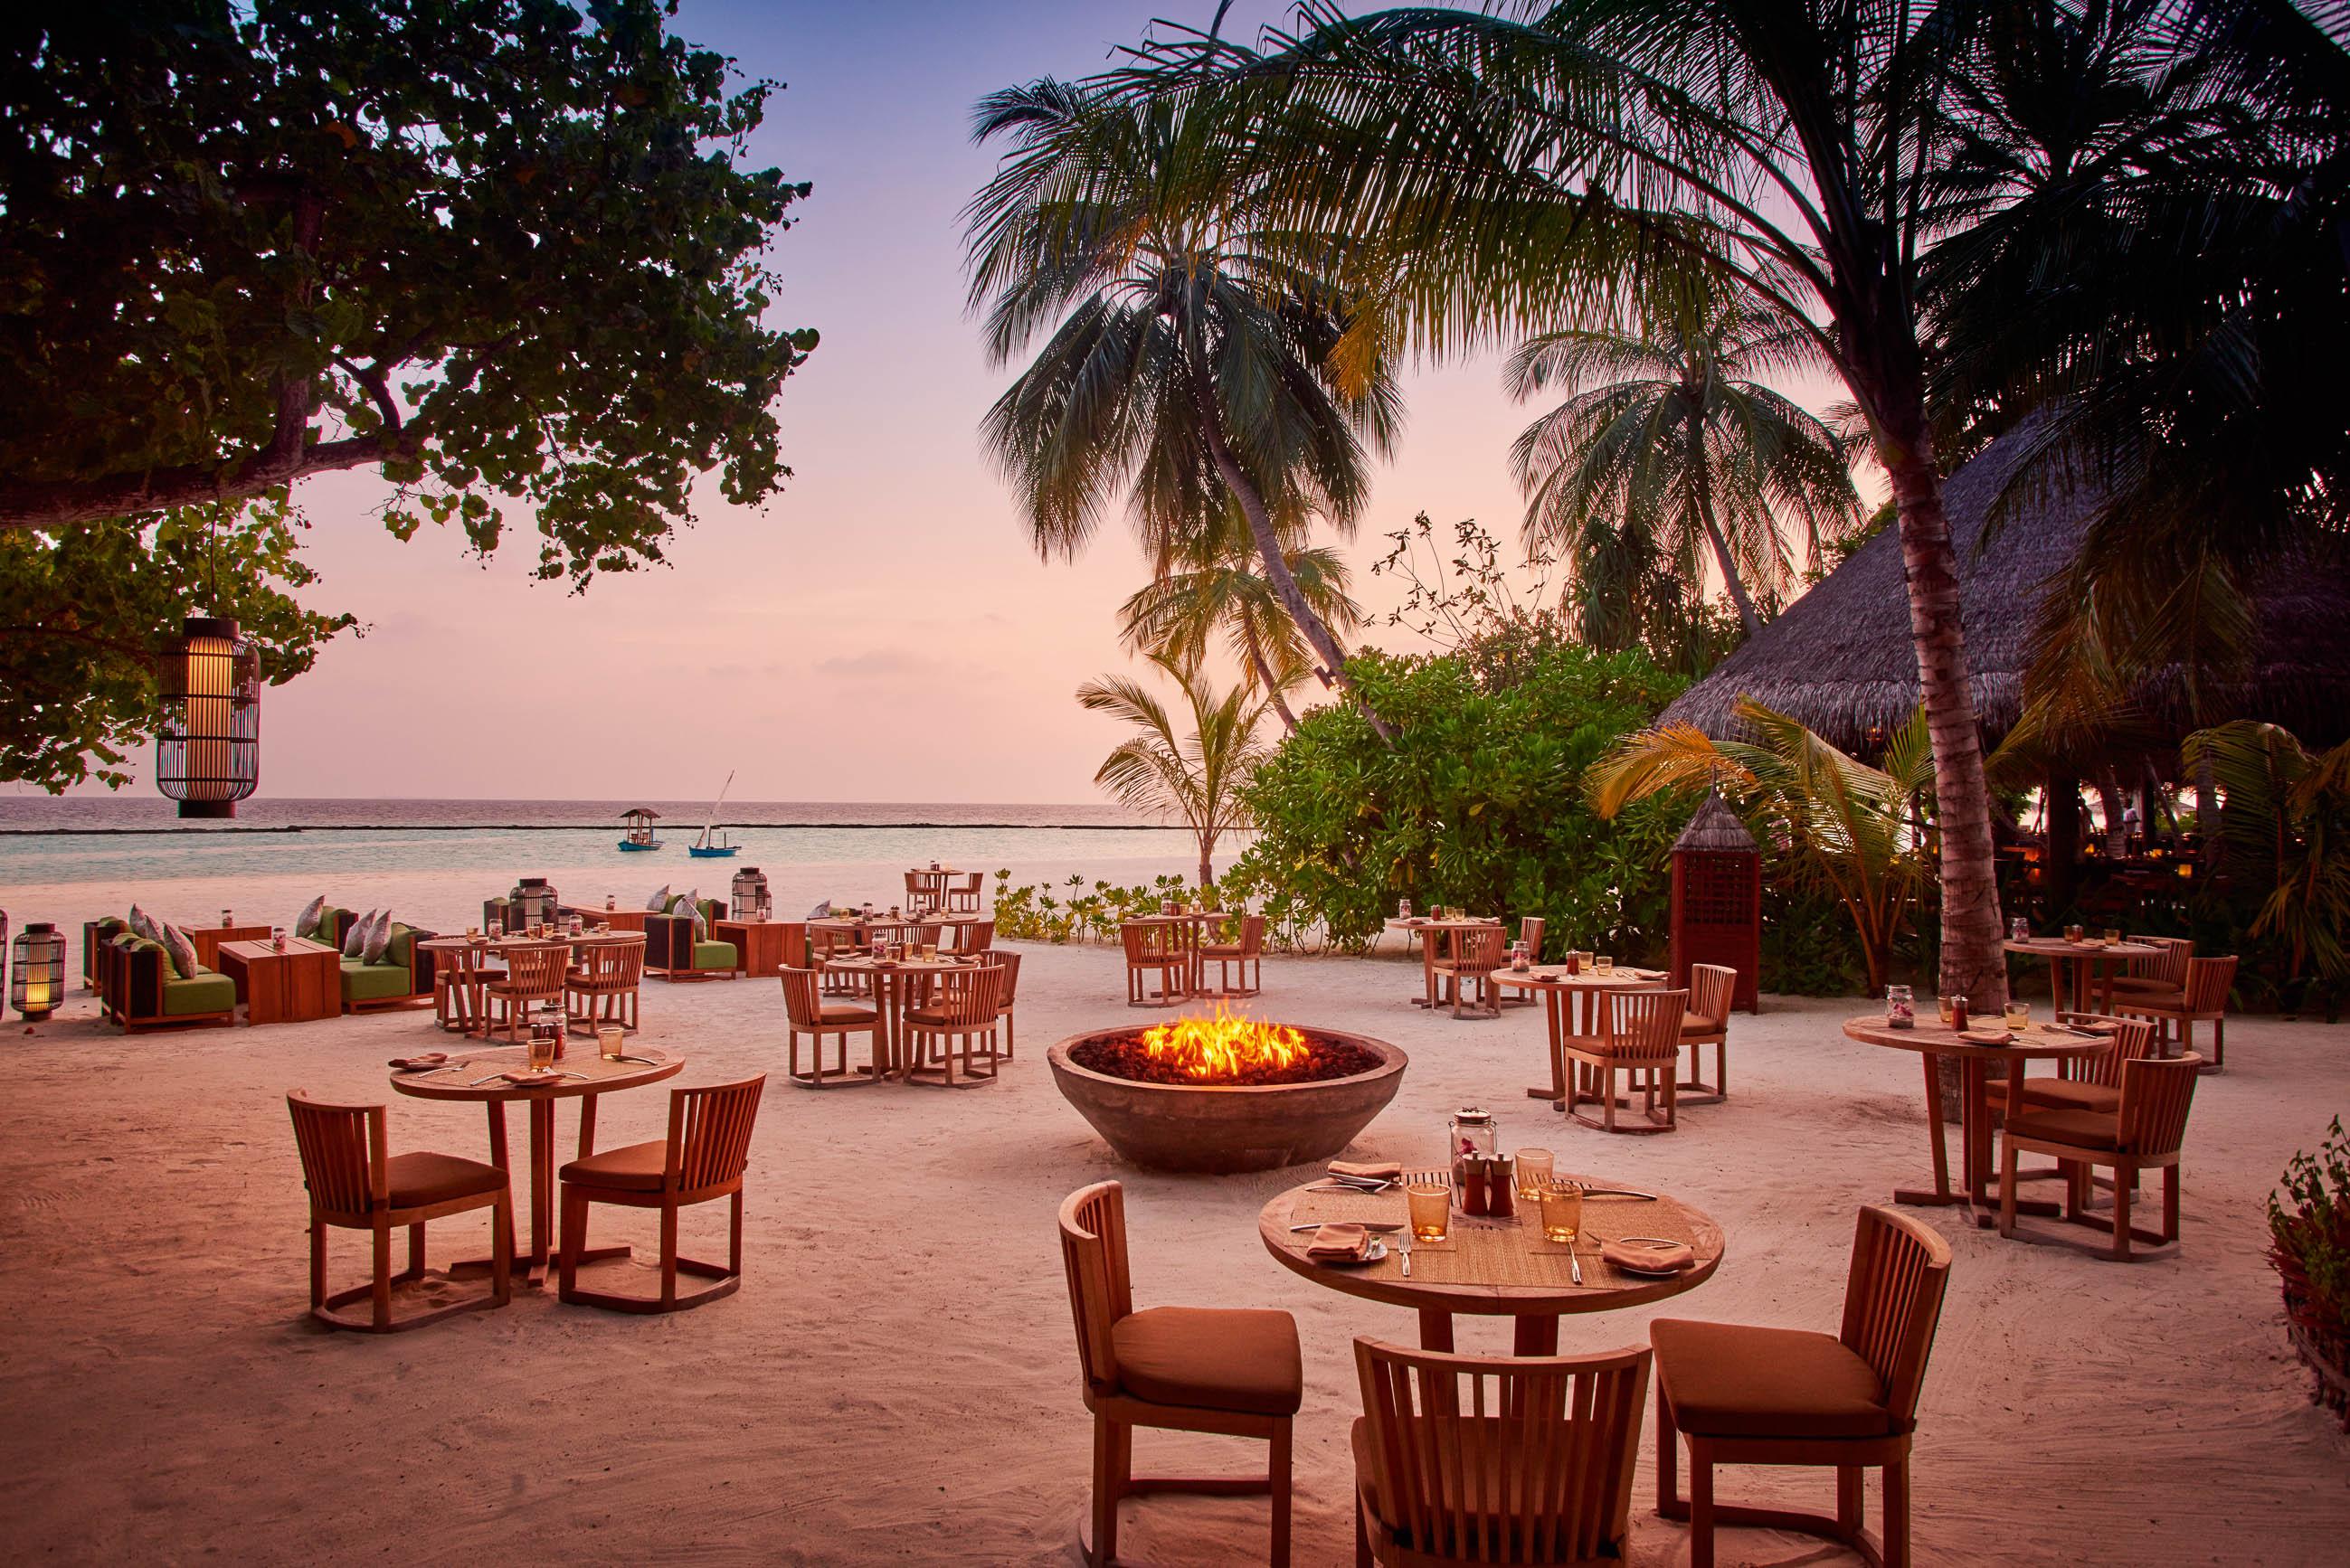 https://bubo.sk/uploads/galleries/16372/halaveli-maldives-2016-meeru-restaurant-01_hd-14.jpg